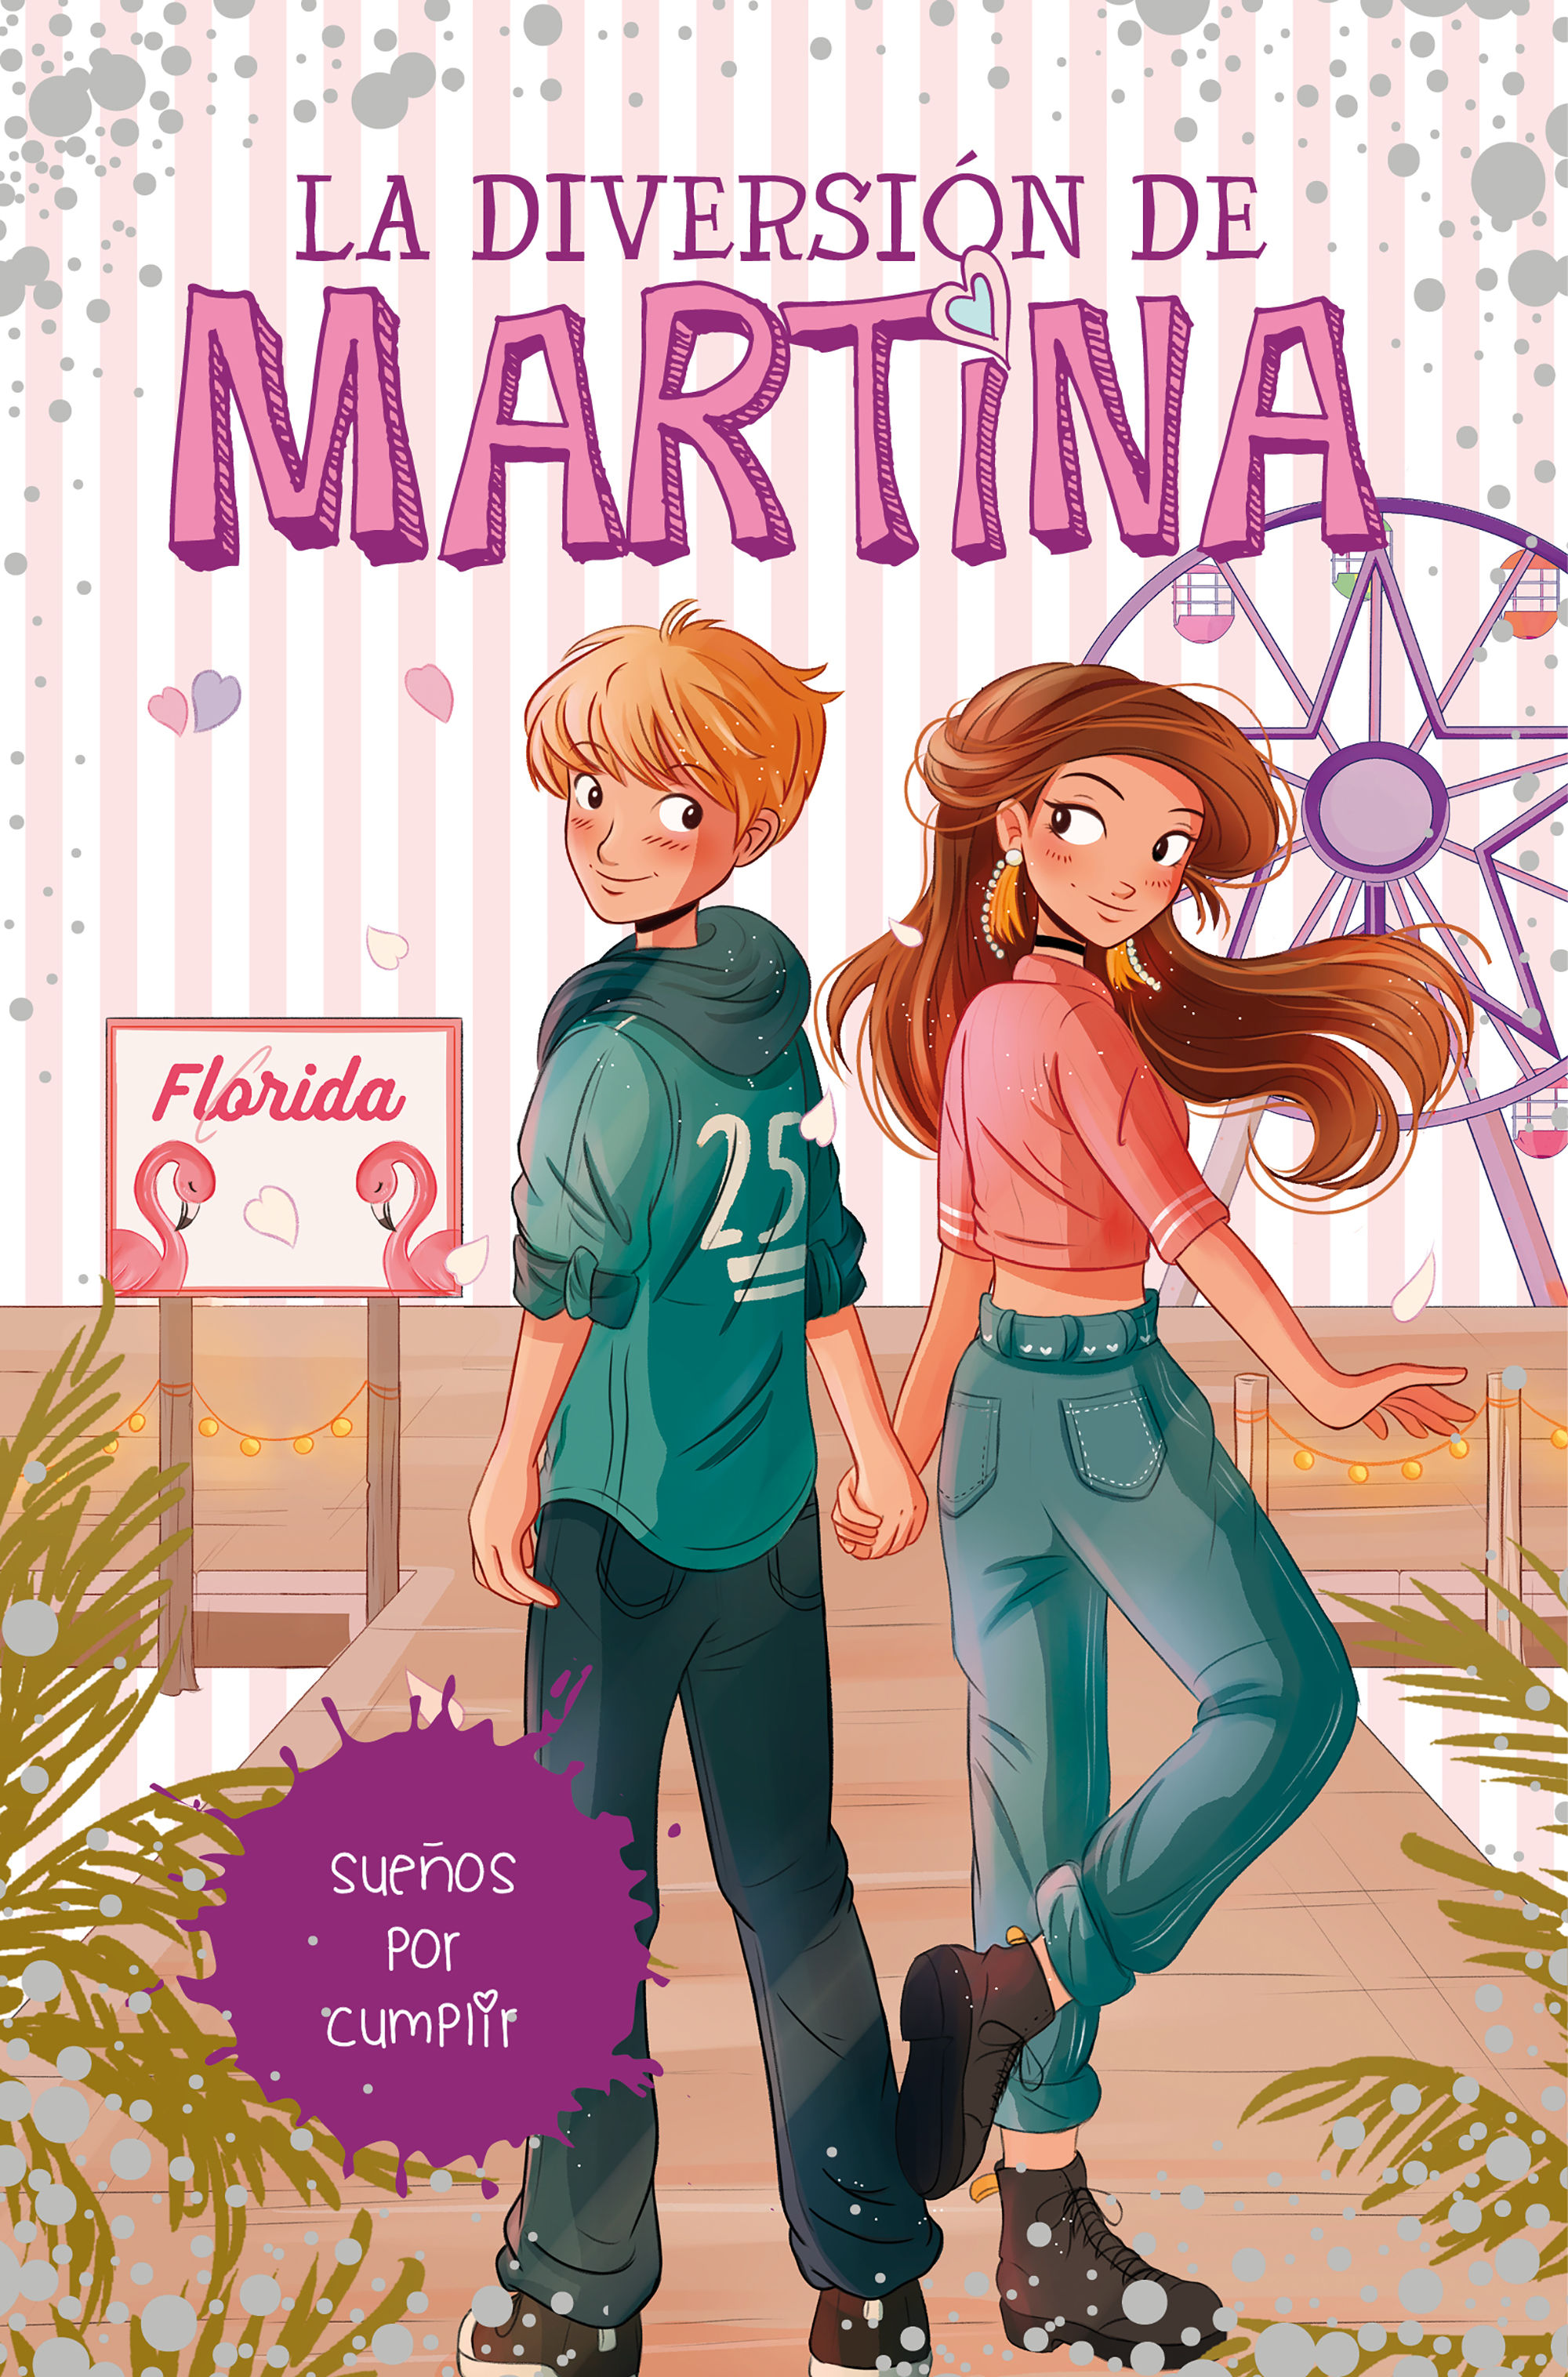 DIVERSION DE MARTINA 10 SUEÑOS POR CUMPLIR LA